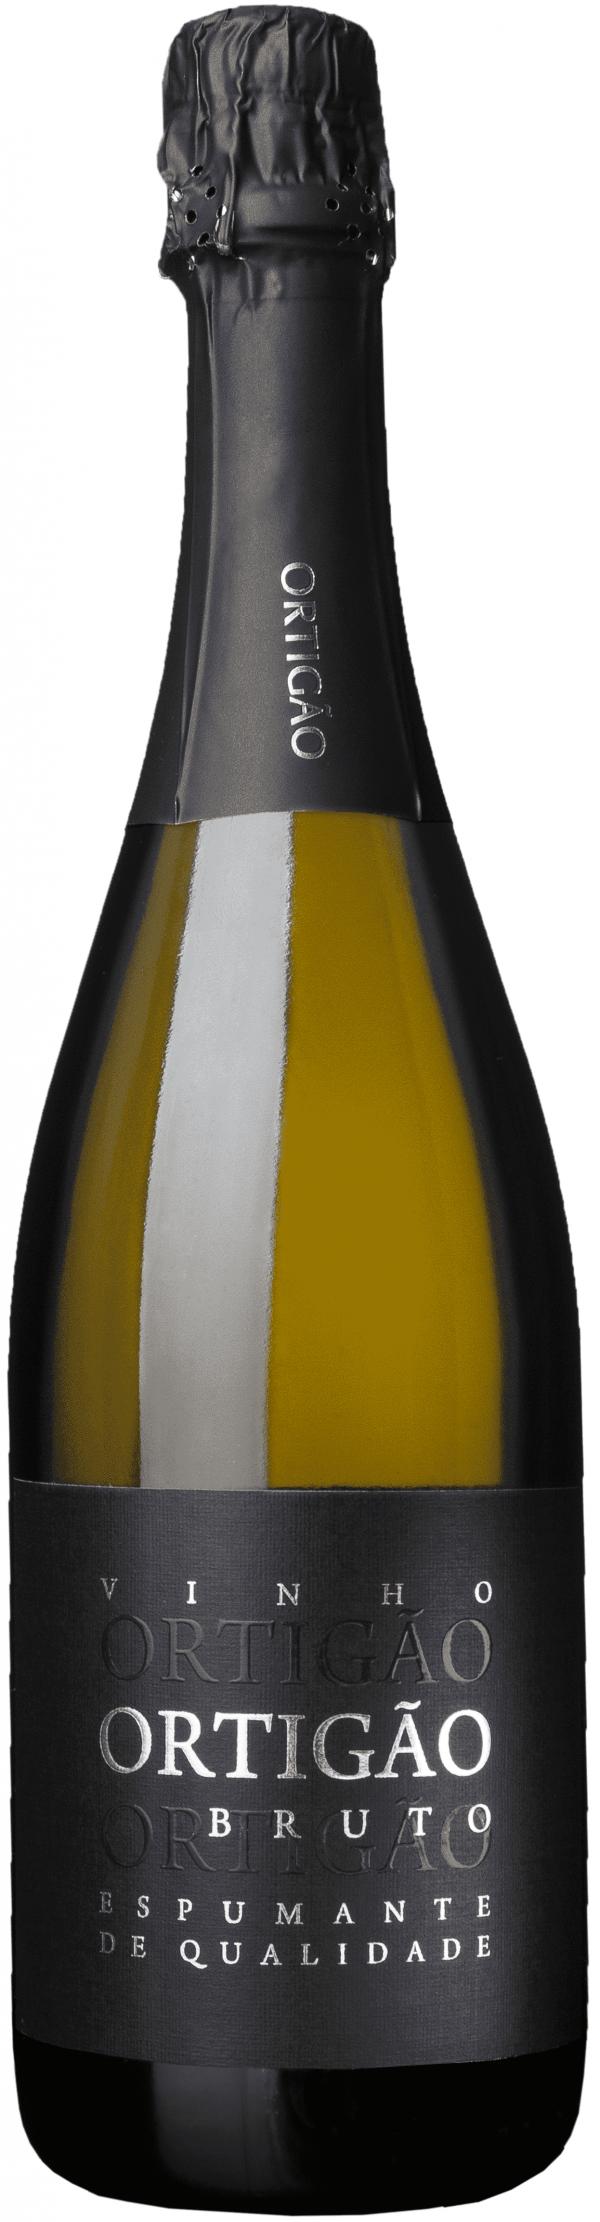 Portugalské víno Quinta do Ortigão Espumante Bruto Natural na eshopu vín z Portugalska